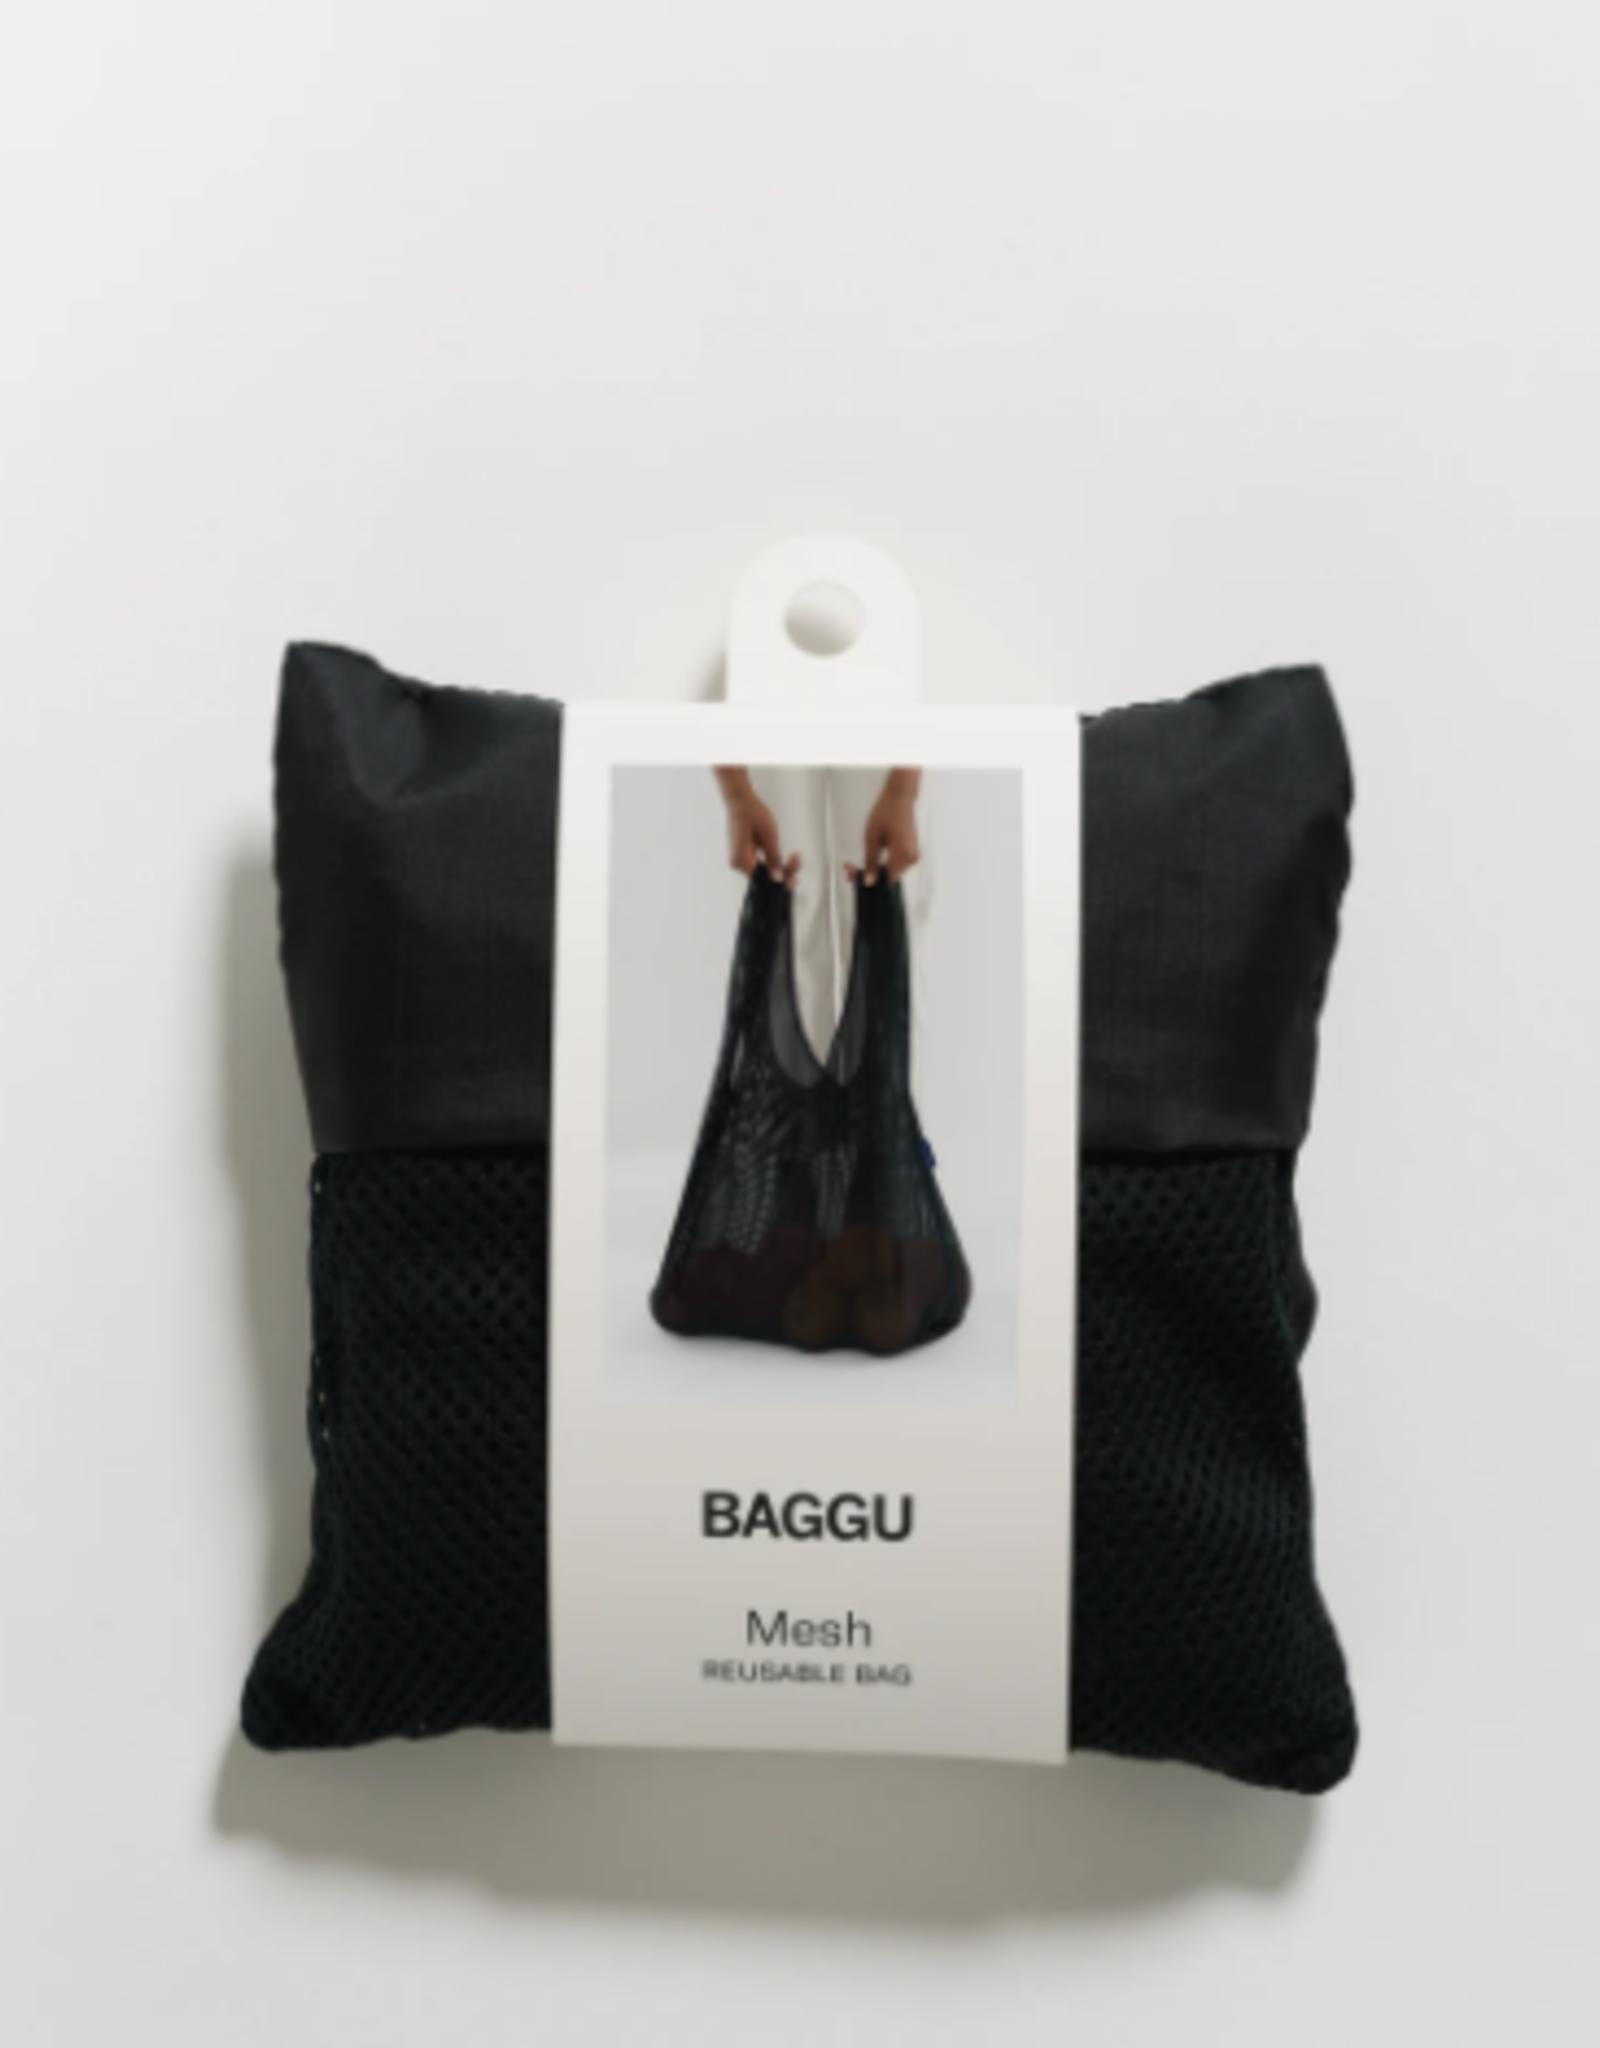 Mesh Baggu - Black